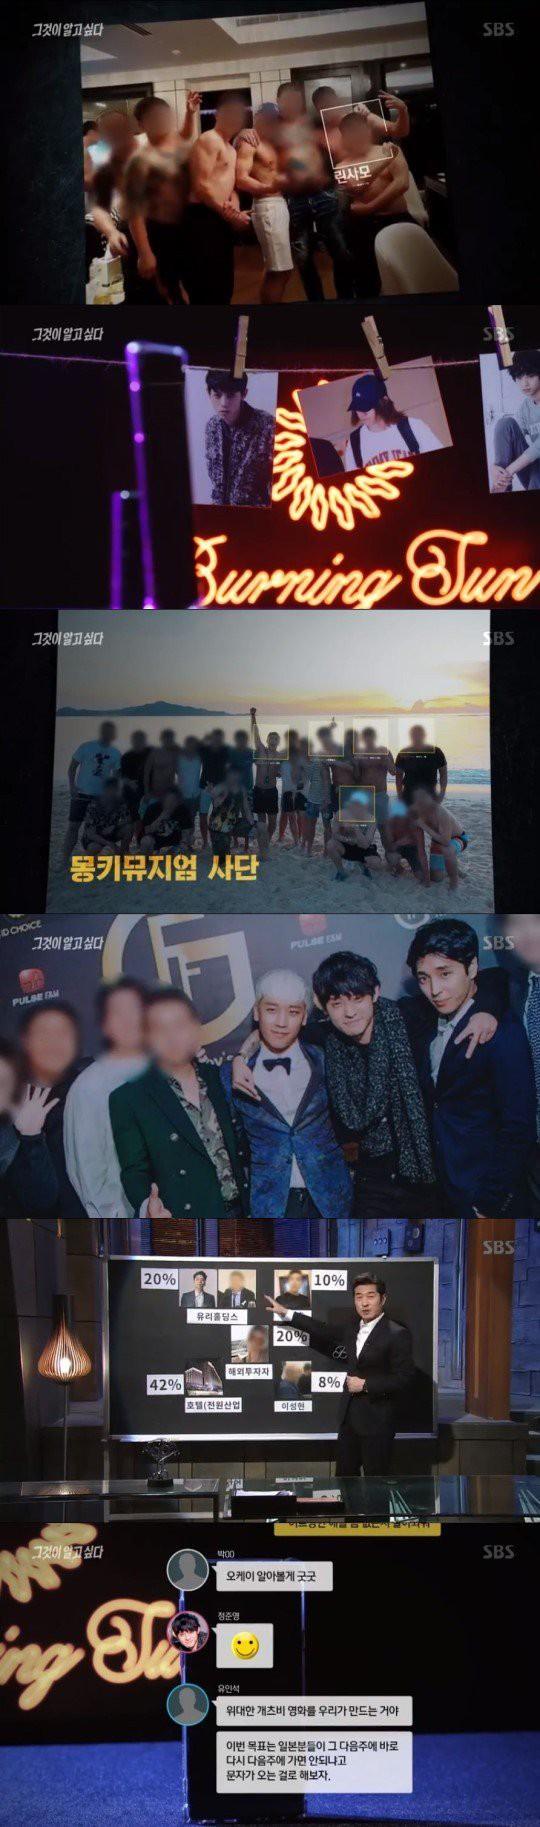 SBS hé lộ 4 góc khuất sau bê bối Burning Sun: Sinh nhật của Seungri và mối liên hệ với tổ chức xã hội đen xuyên quốc gia - Ảnh 7.